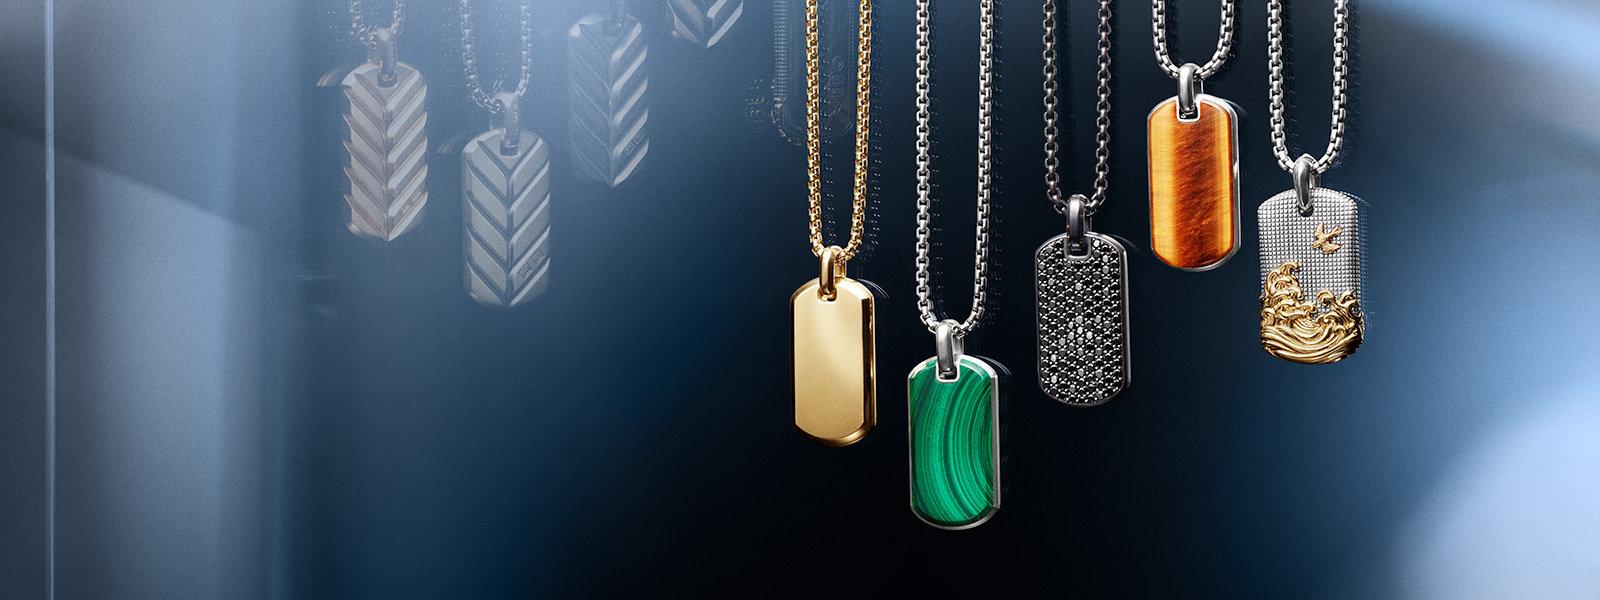 一幅彩色照片,展现出一排水平放置的五只David Yurman男士吊牌,出自Streamline®、Exotic Stone、Pavéand Waves系列,串在箱纹链项链,悬挂在反光表面前,光线和首饰反射出呈斜角的多彩颜色。 Streamline®吊牌采用18K黄金材质,串在18K黄金链上。Exotic Stone吊牌采用925纯银材质配镶嵌孔雀石或虎眼石,串在925纯银链上。Pavé吊牌采用黑钛配密镶黑色钻石,串在黑钛链上。Waves吊牌采用925纯银配18K黄金,串在925纯银链上。